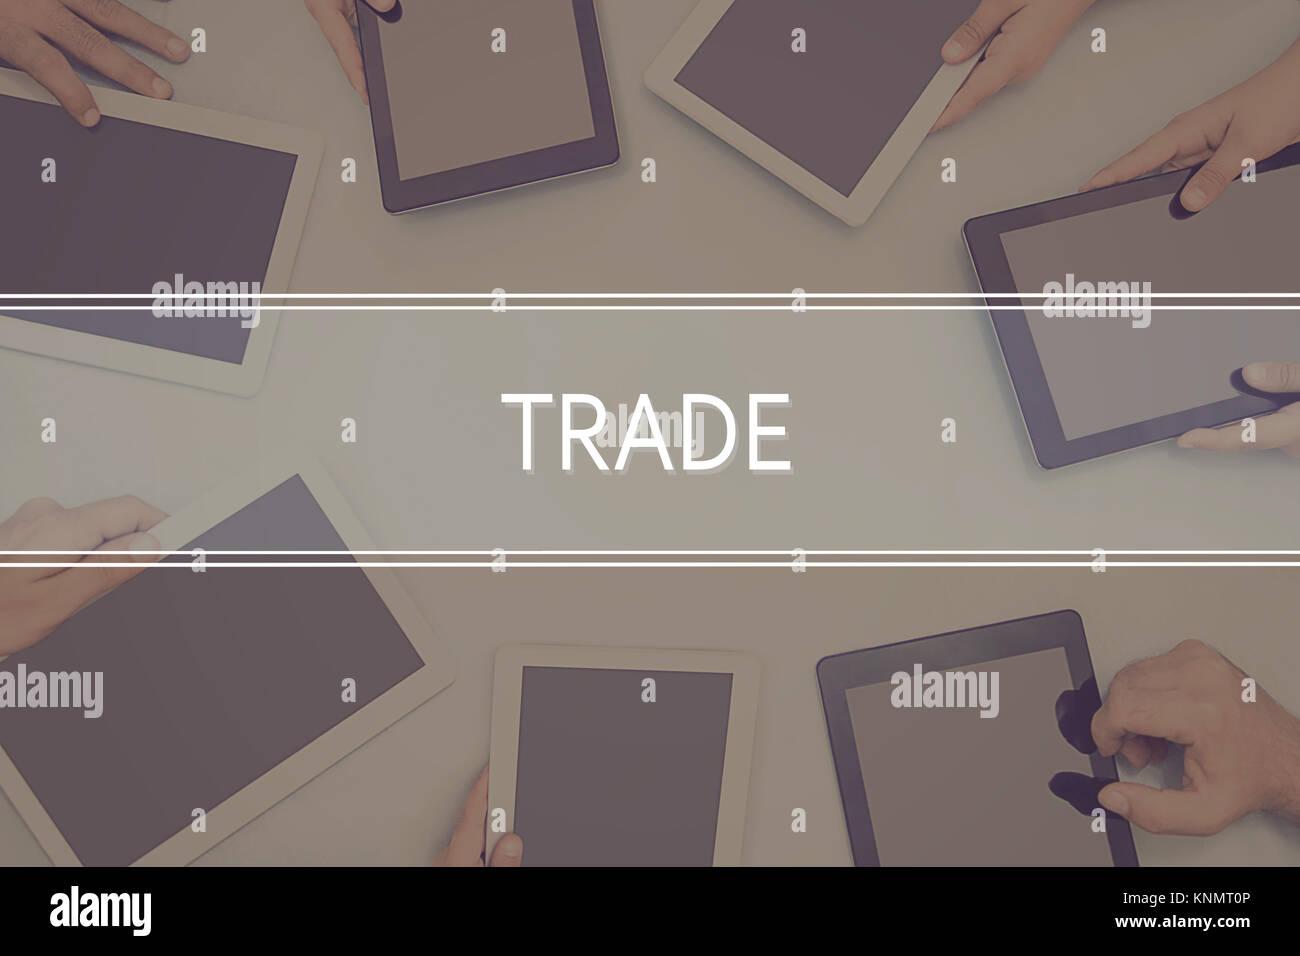 Concepto de comercio concepto empresarial. Imagen De Stock